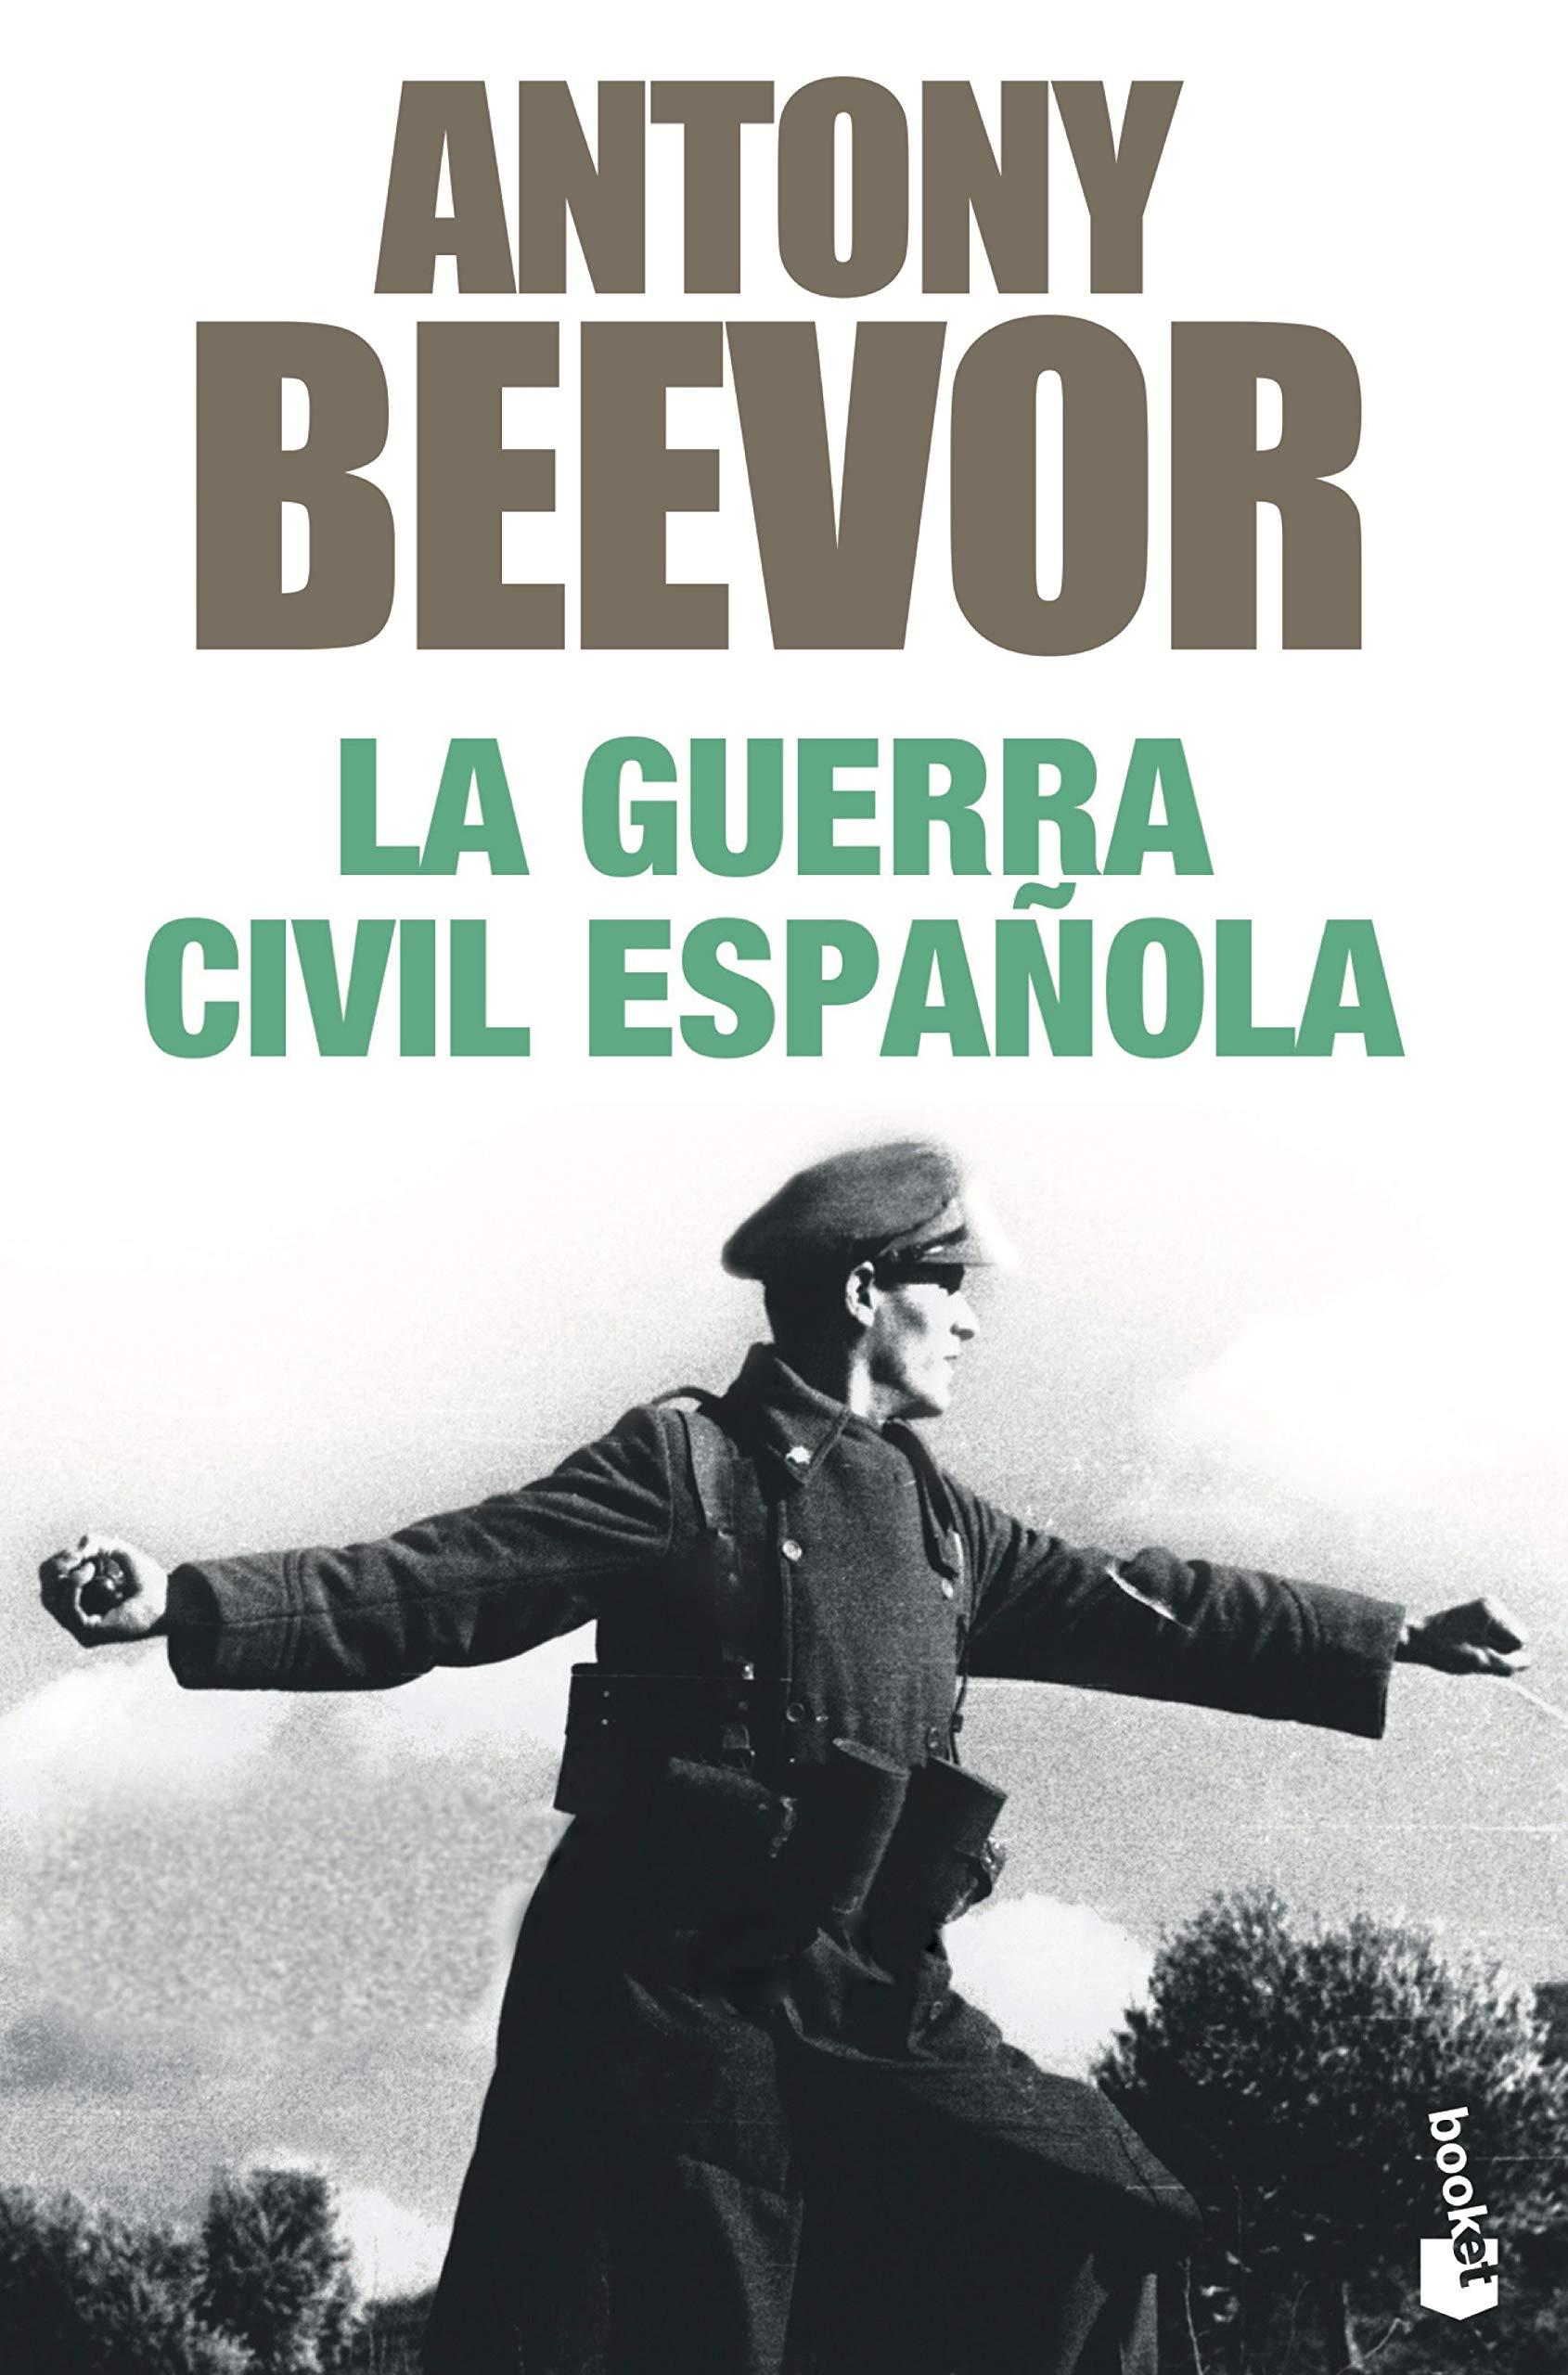 La guerra civil española (Biblioteca Antony Beevor): Amazon.es: Beevor, Antony, Pontón, Gonzalo: Libros